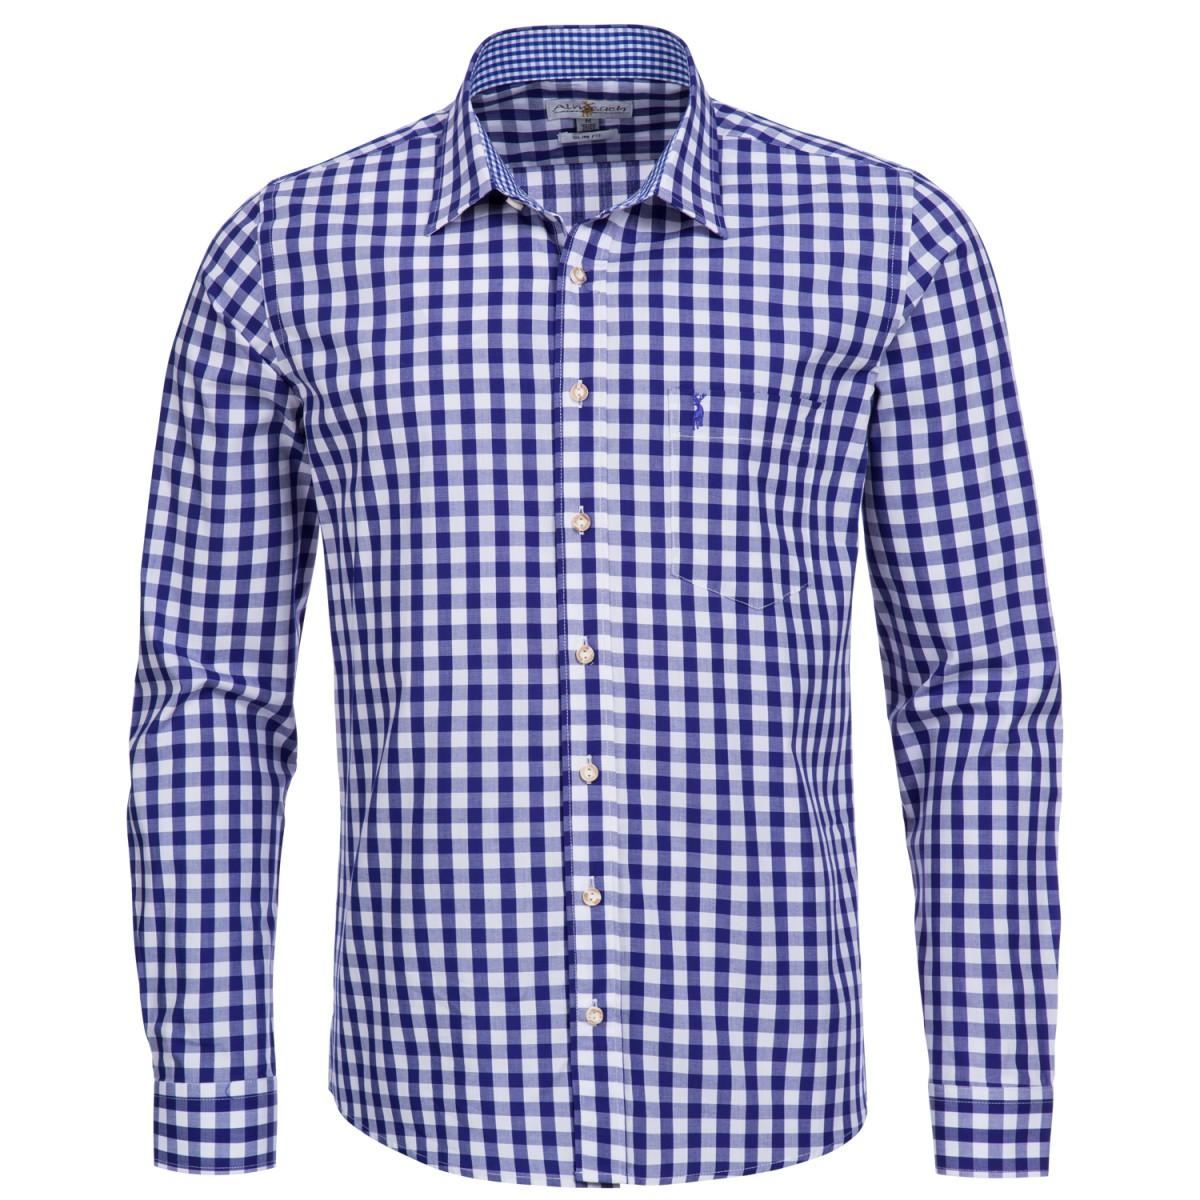 Trachtenhemd Slim Fit in Dunkelblau von Almsach günstig online kaufen